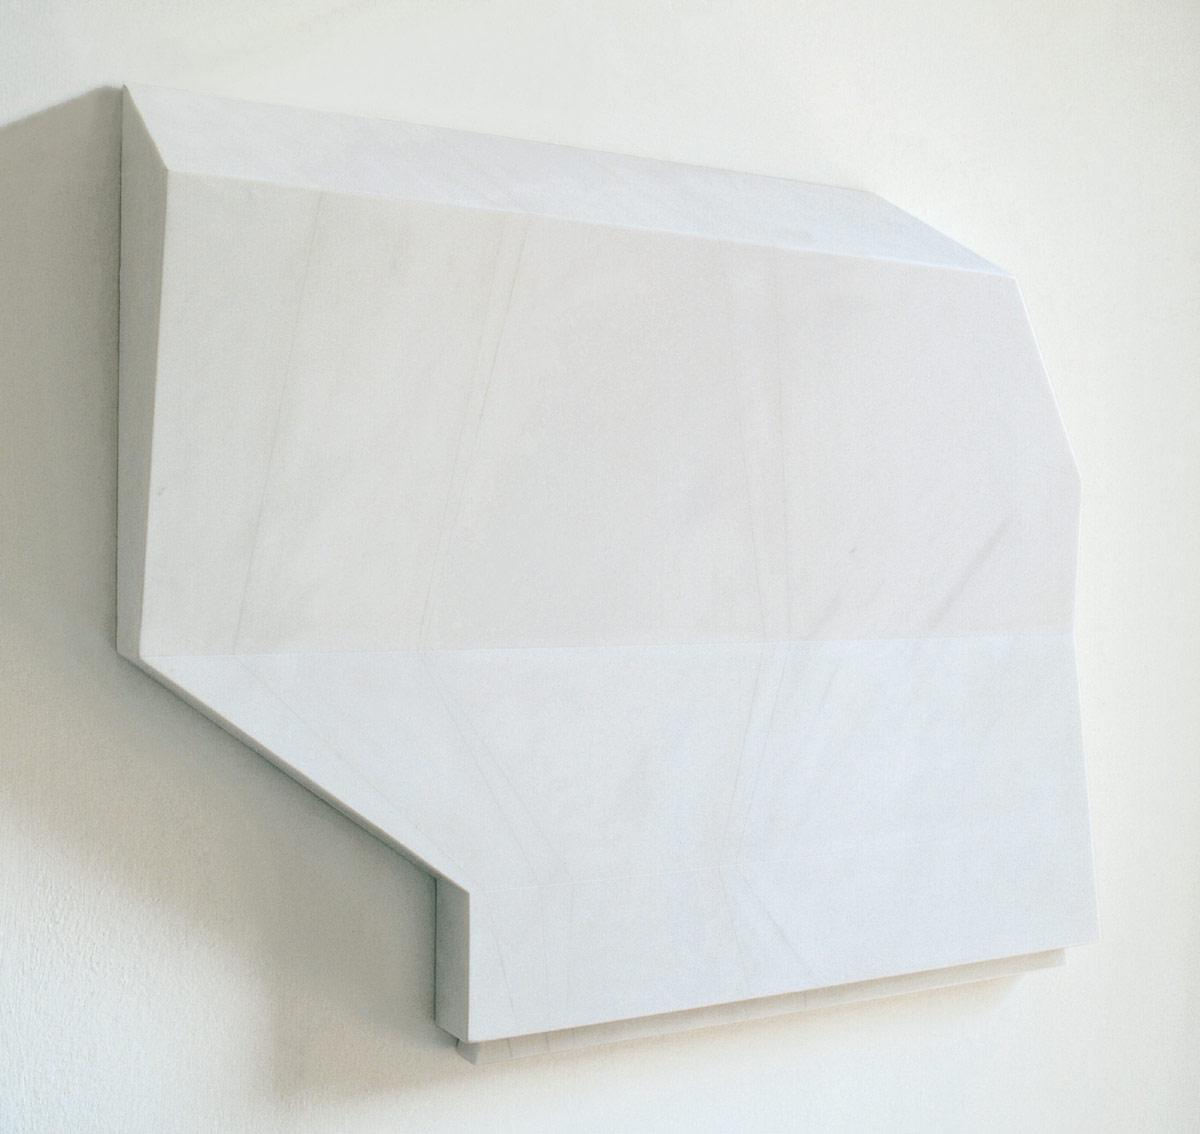 Antonio Catelani - Antonio Catelani Una maniera1986 marble